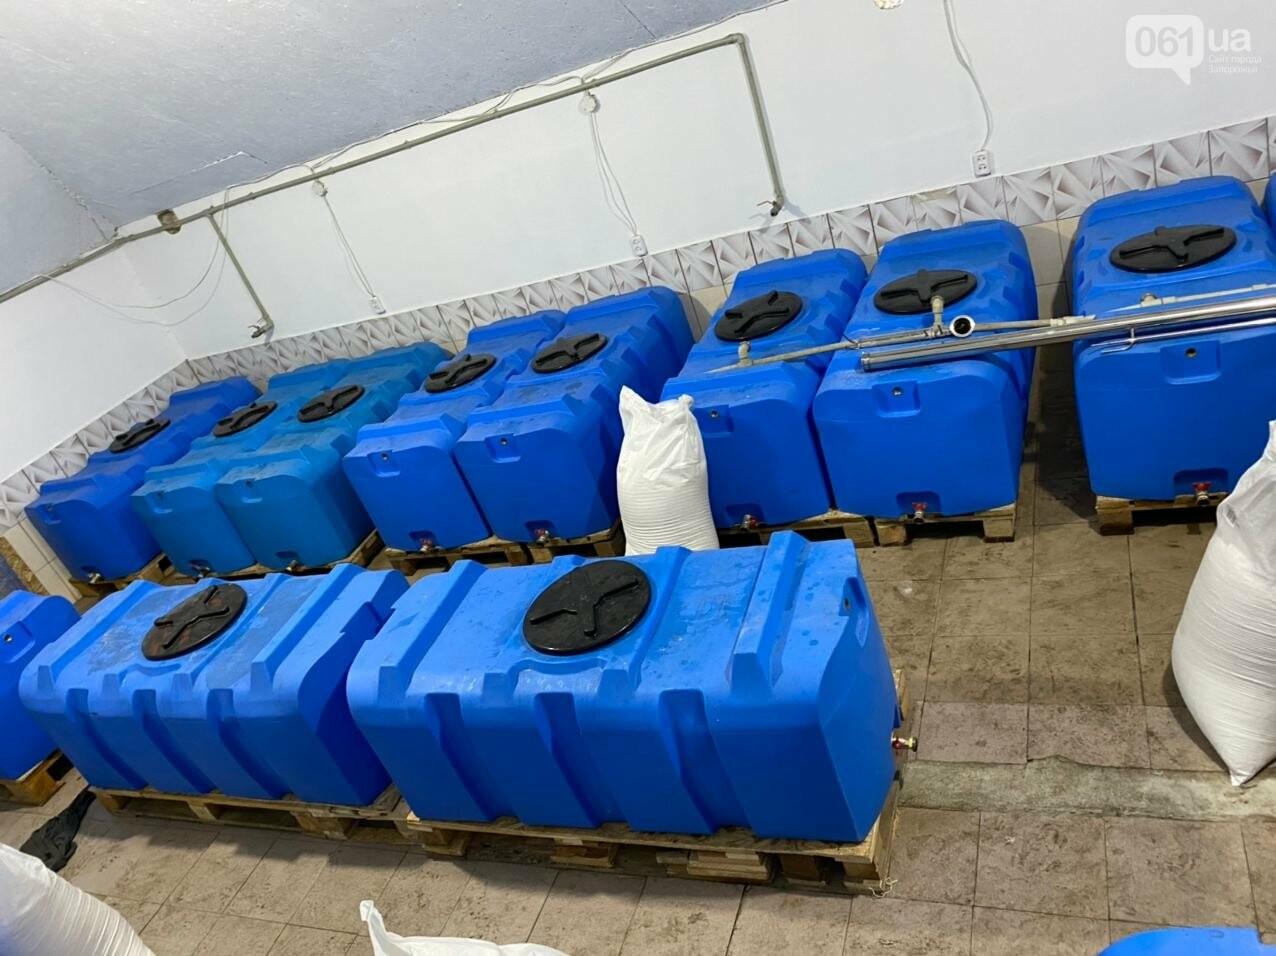 В Запорожской области накрыли подпольный цех по производству алкоголя, - ФОТО, фото-6